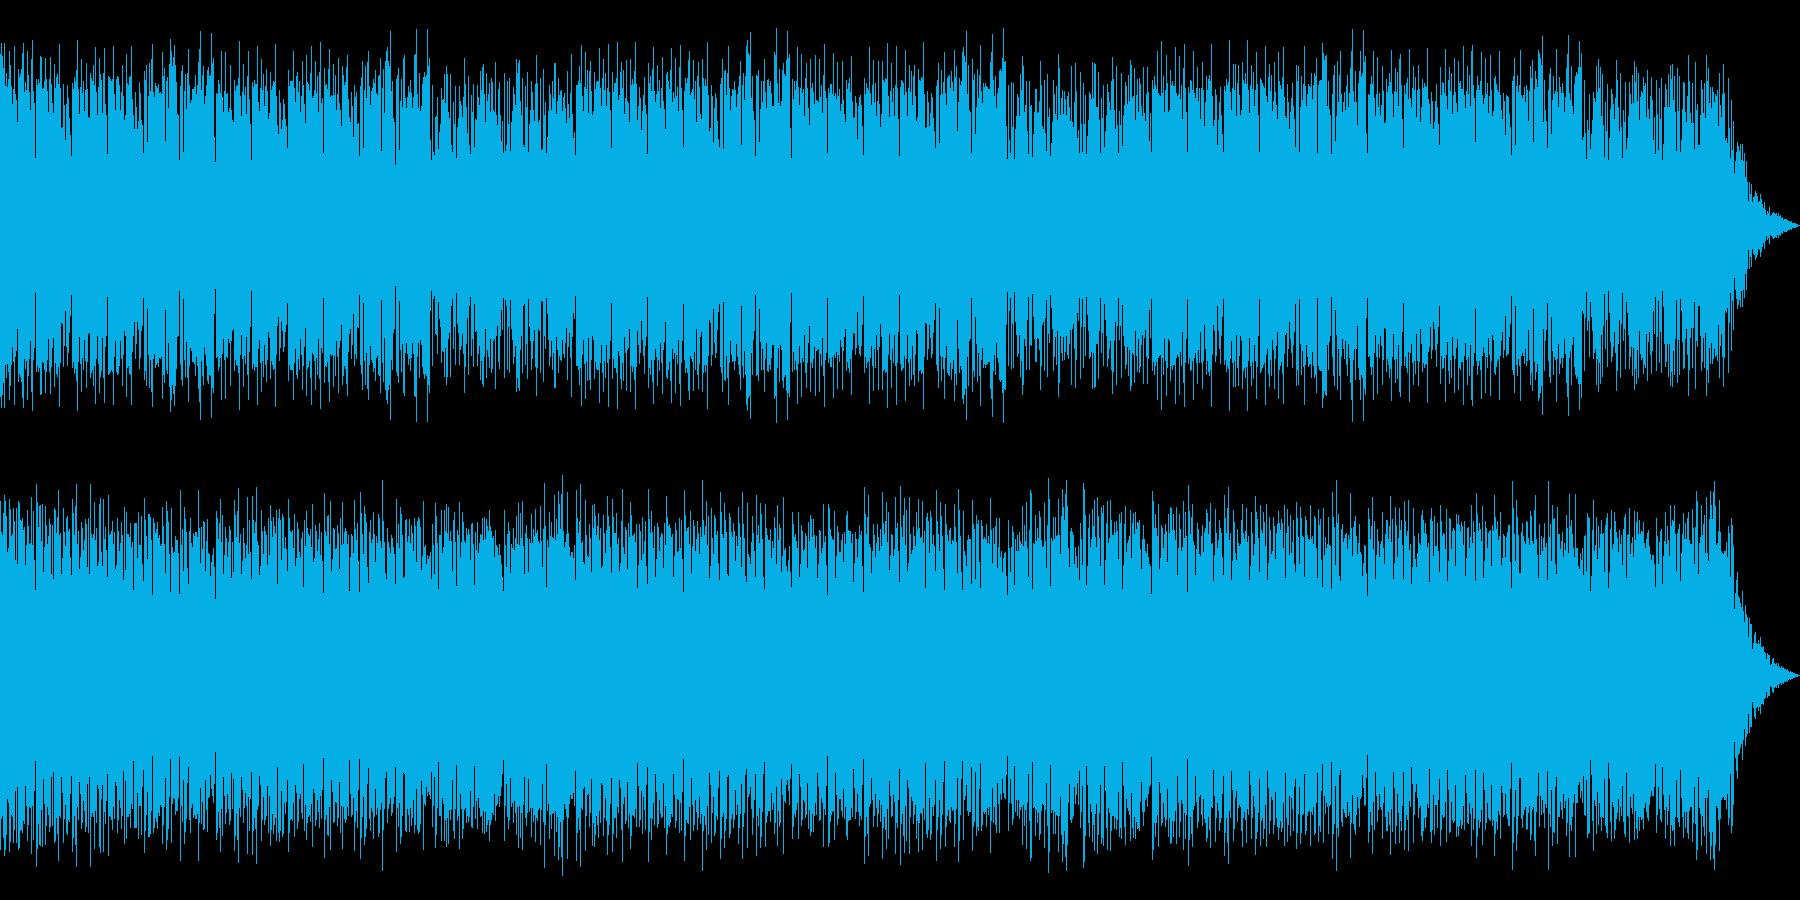 異国情緒溢れるケルト音楽の再生済みの波形